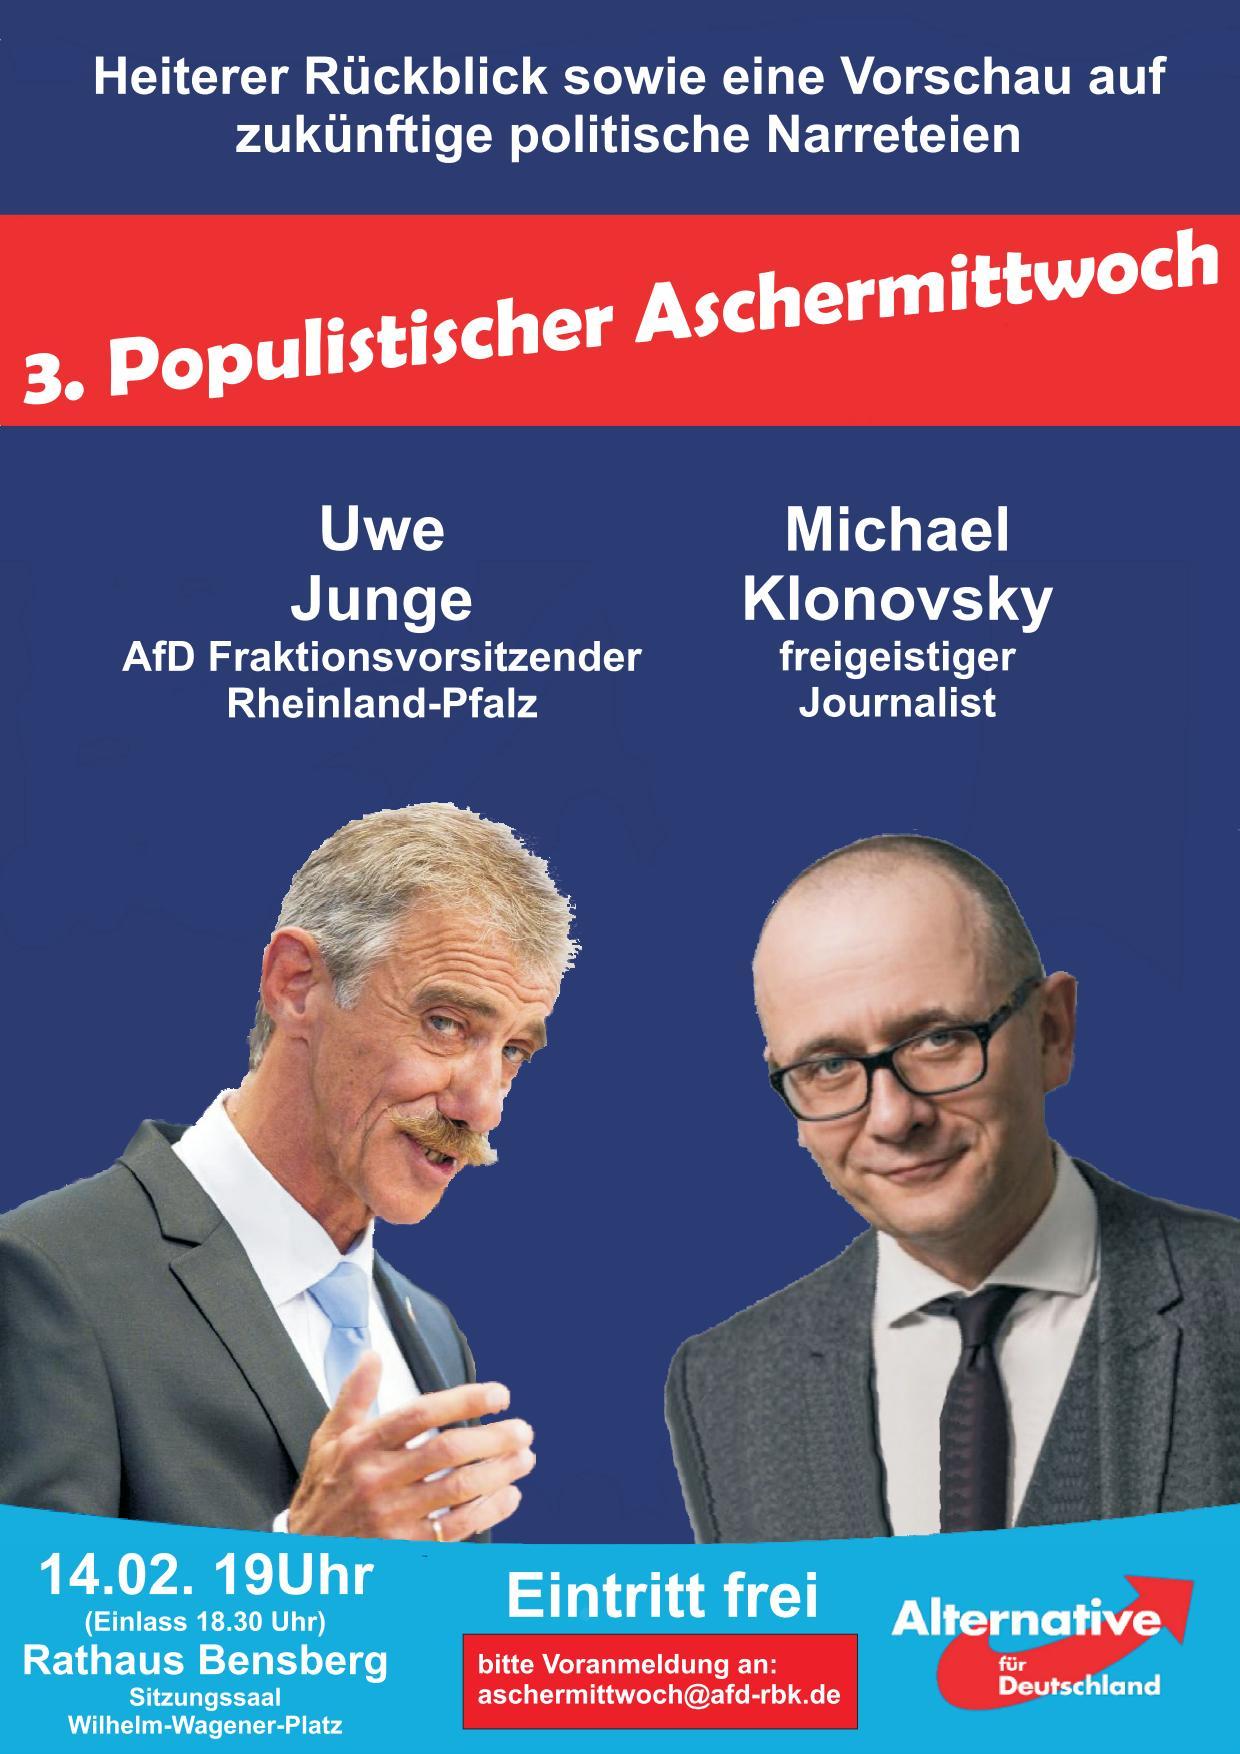 Populistischer Aschermittwoch